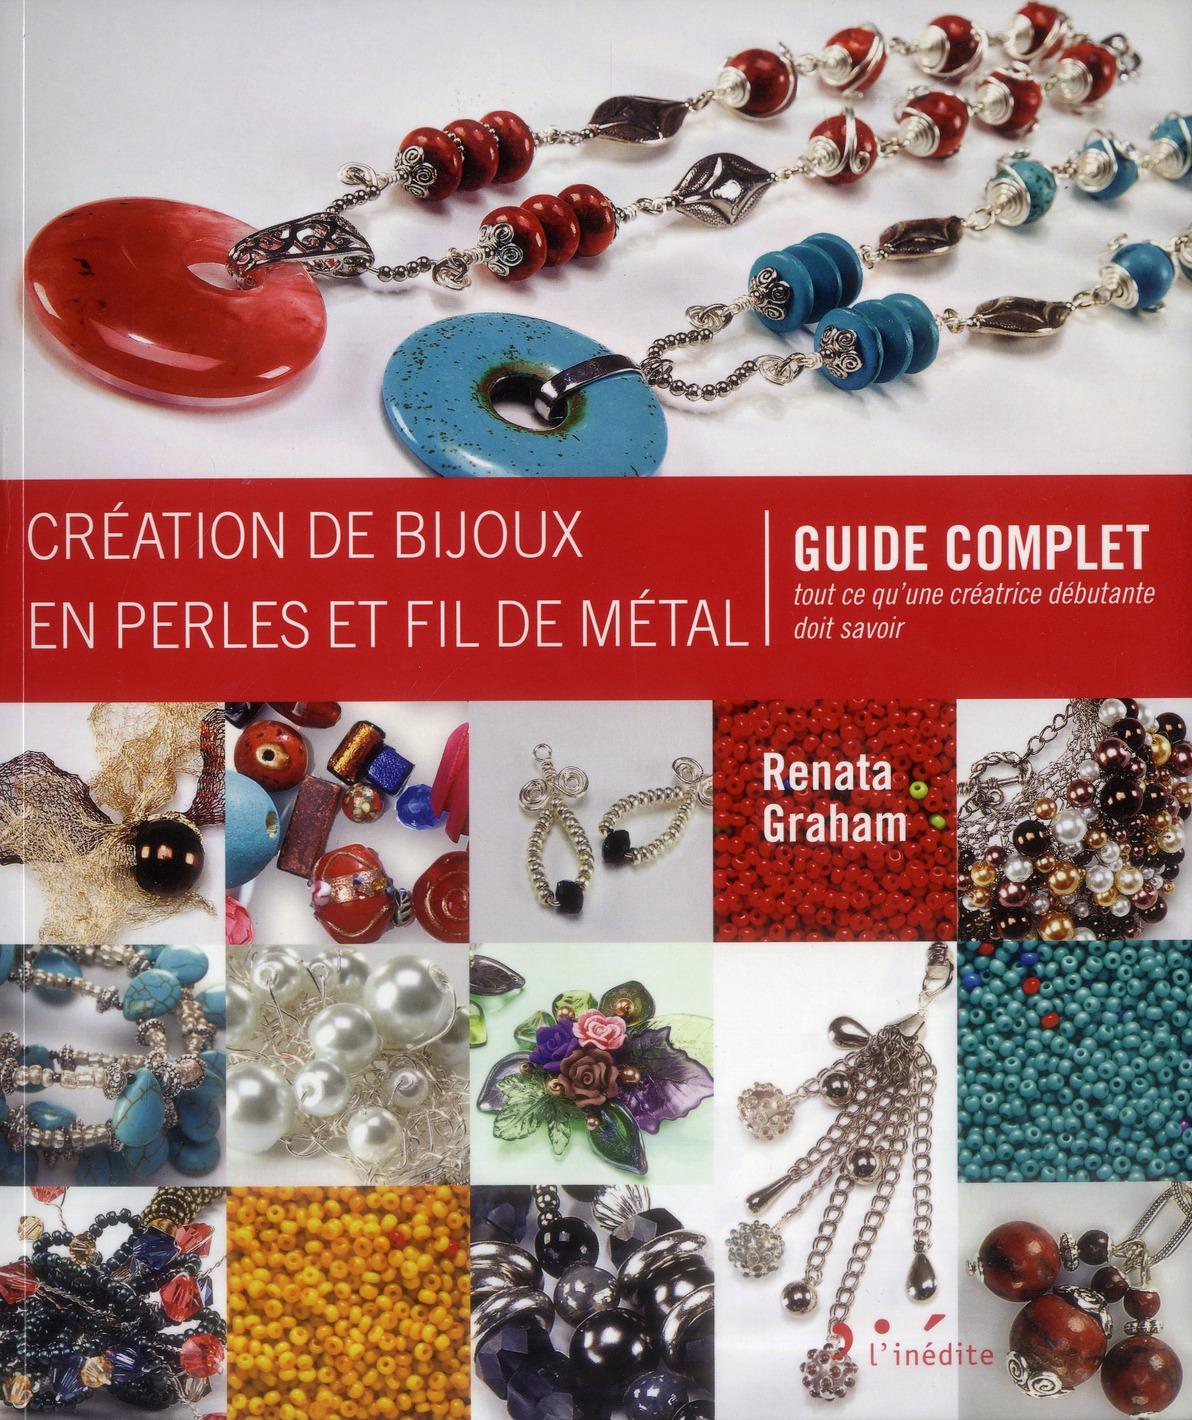 Creation De Bijoux En Perles Et Fil De Metal. Guide Complet